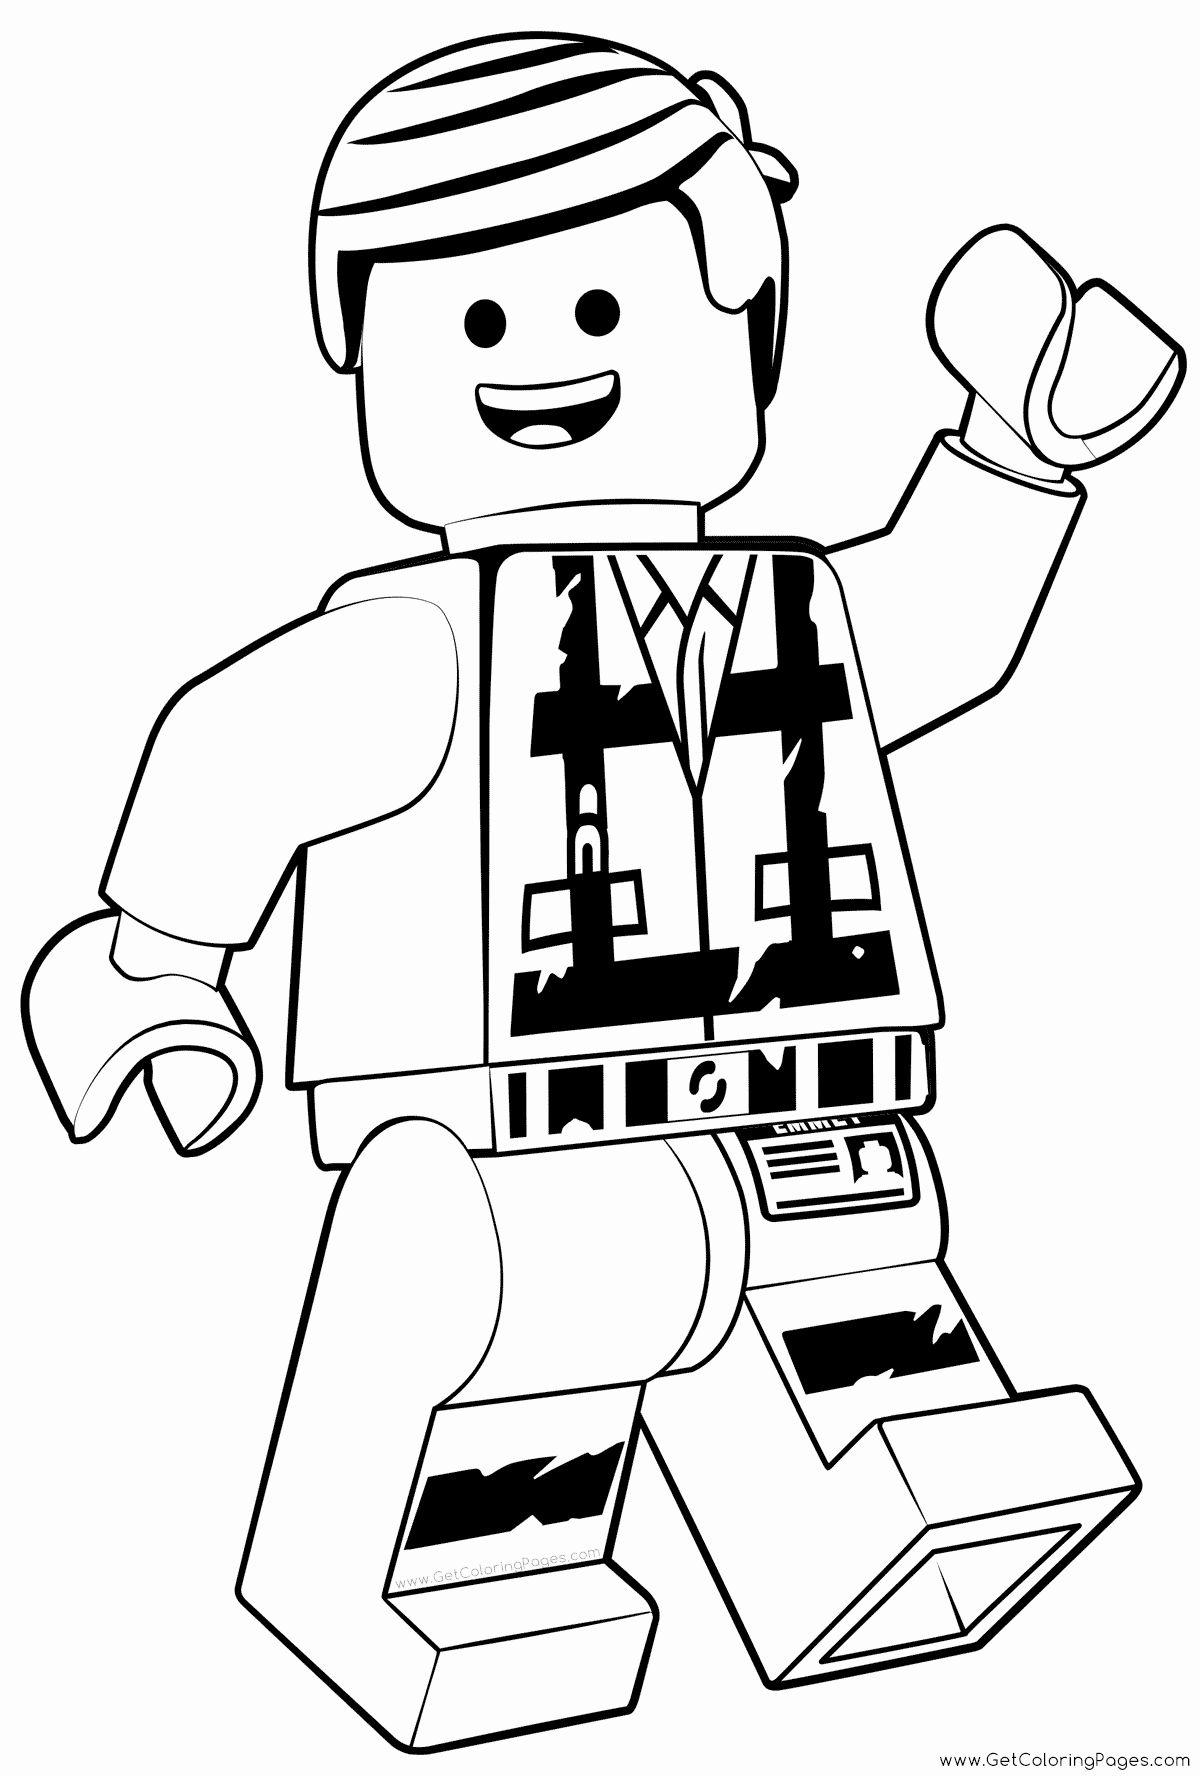 Lego Coloring Activities Fresh Emmet Lego Coloring Pages In 2020 Lego Coloring Pages Lego Movie Coloring Pages Lego Coloring